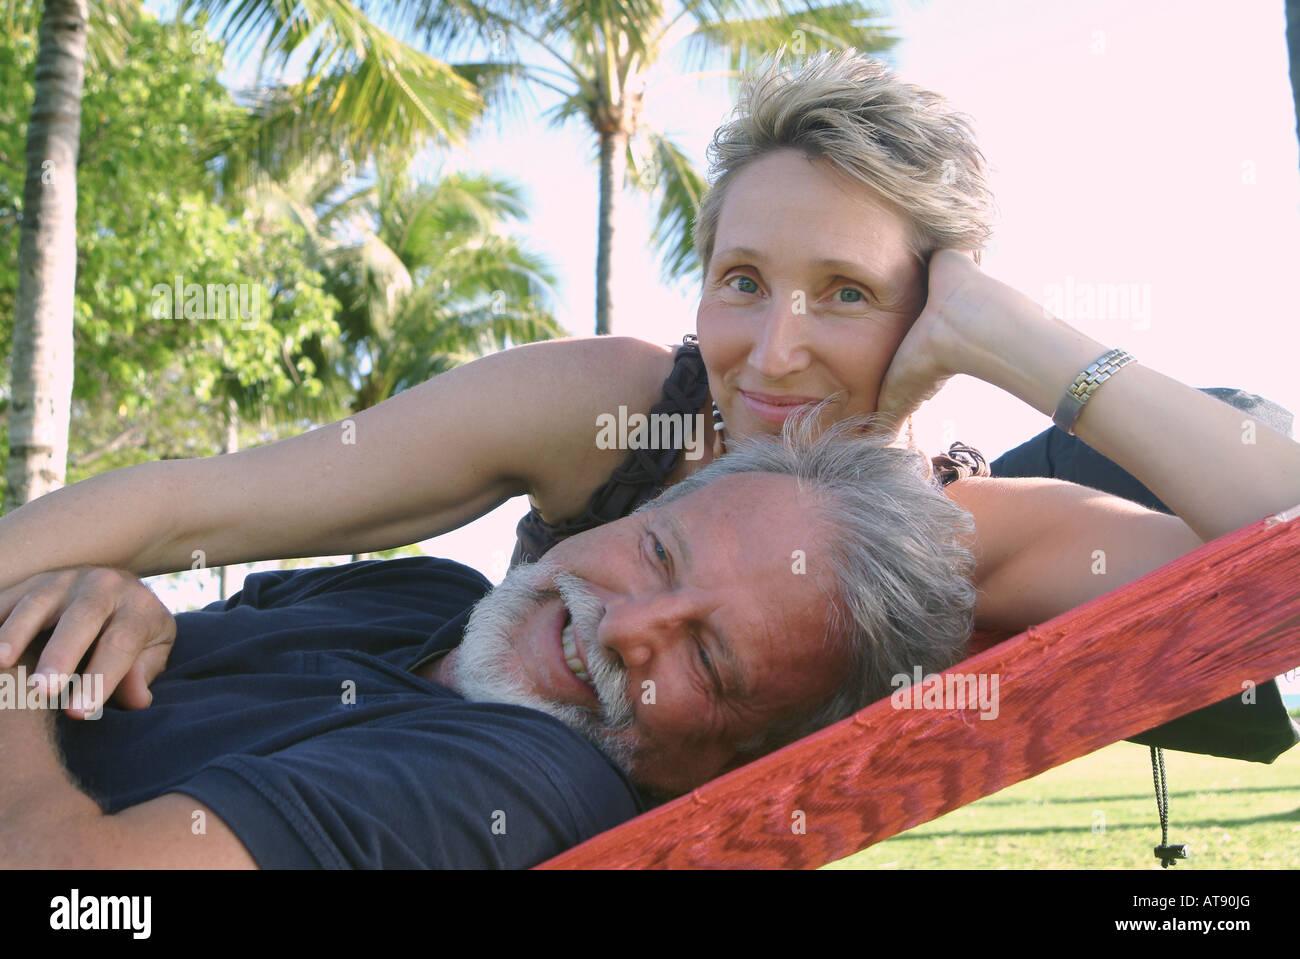 Una pareja se relaja en una hamaca en el Queens Beach, Waikiki. Foto de stock